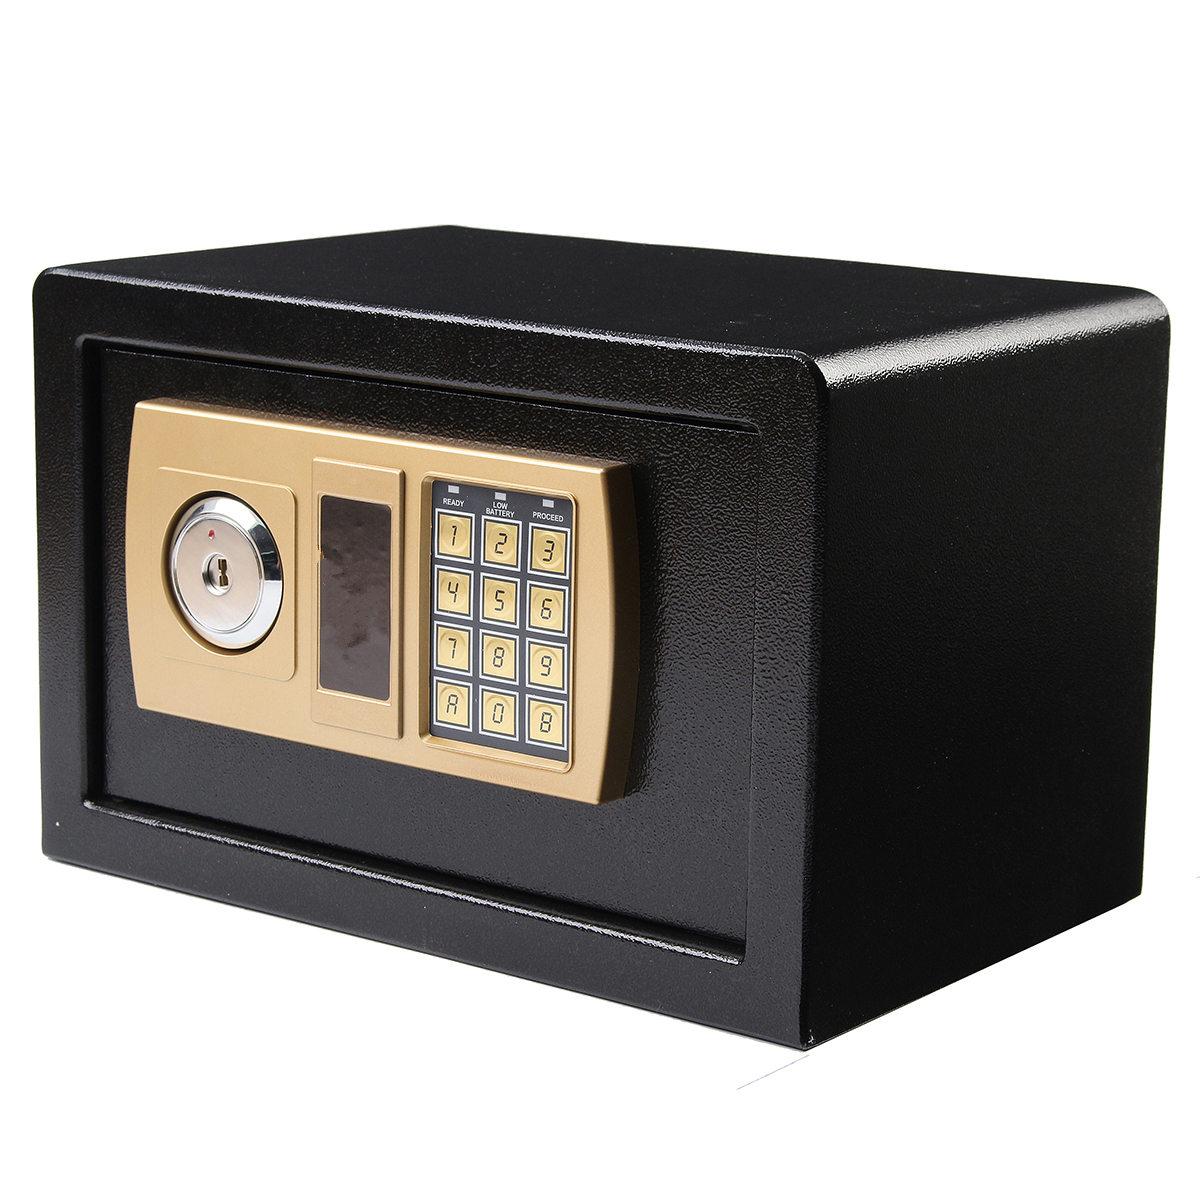 Safurance Роскошная цифровая коробка для хранения денег, сейф для ювелирных изделий, для дома, отеля, замок с клавиатурой, Черная защитная коробк...